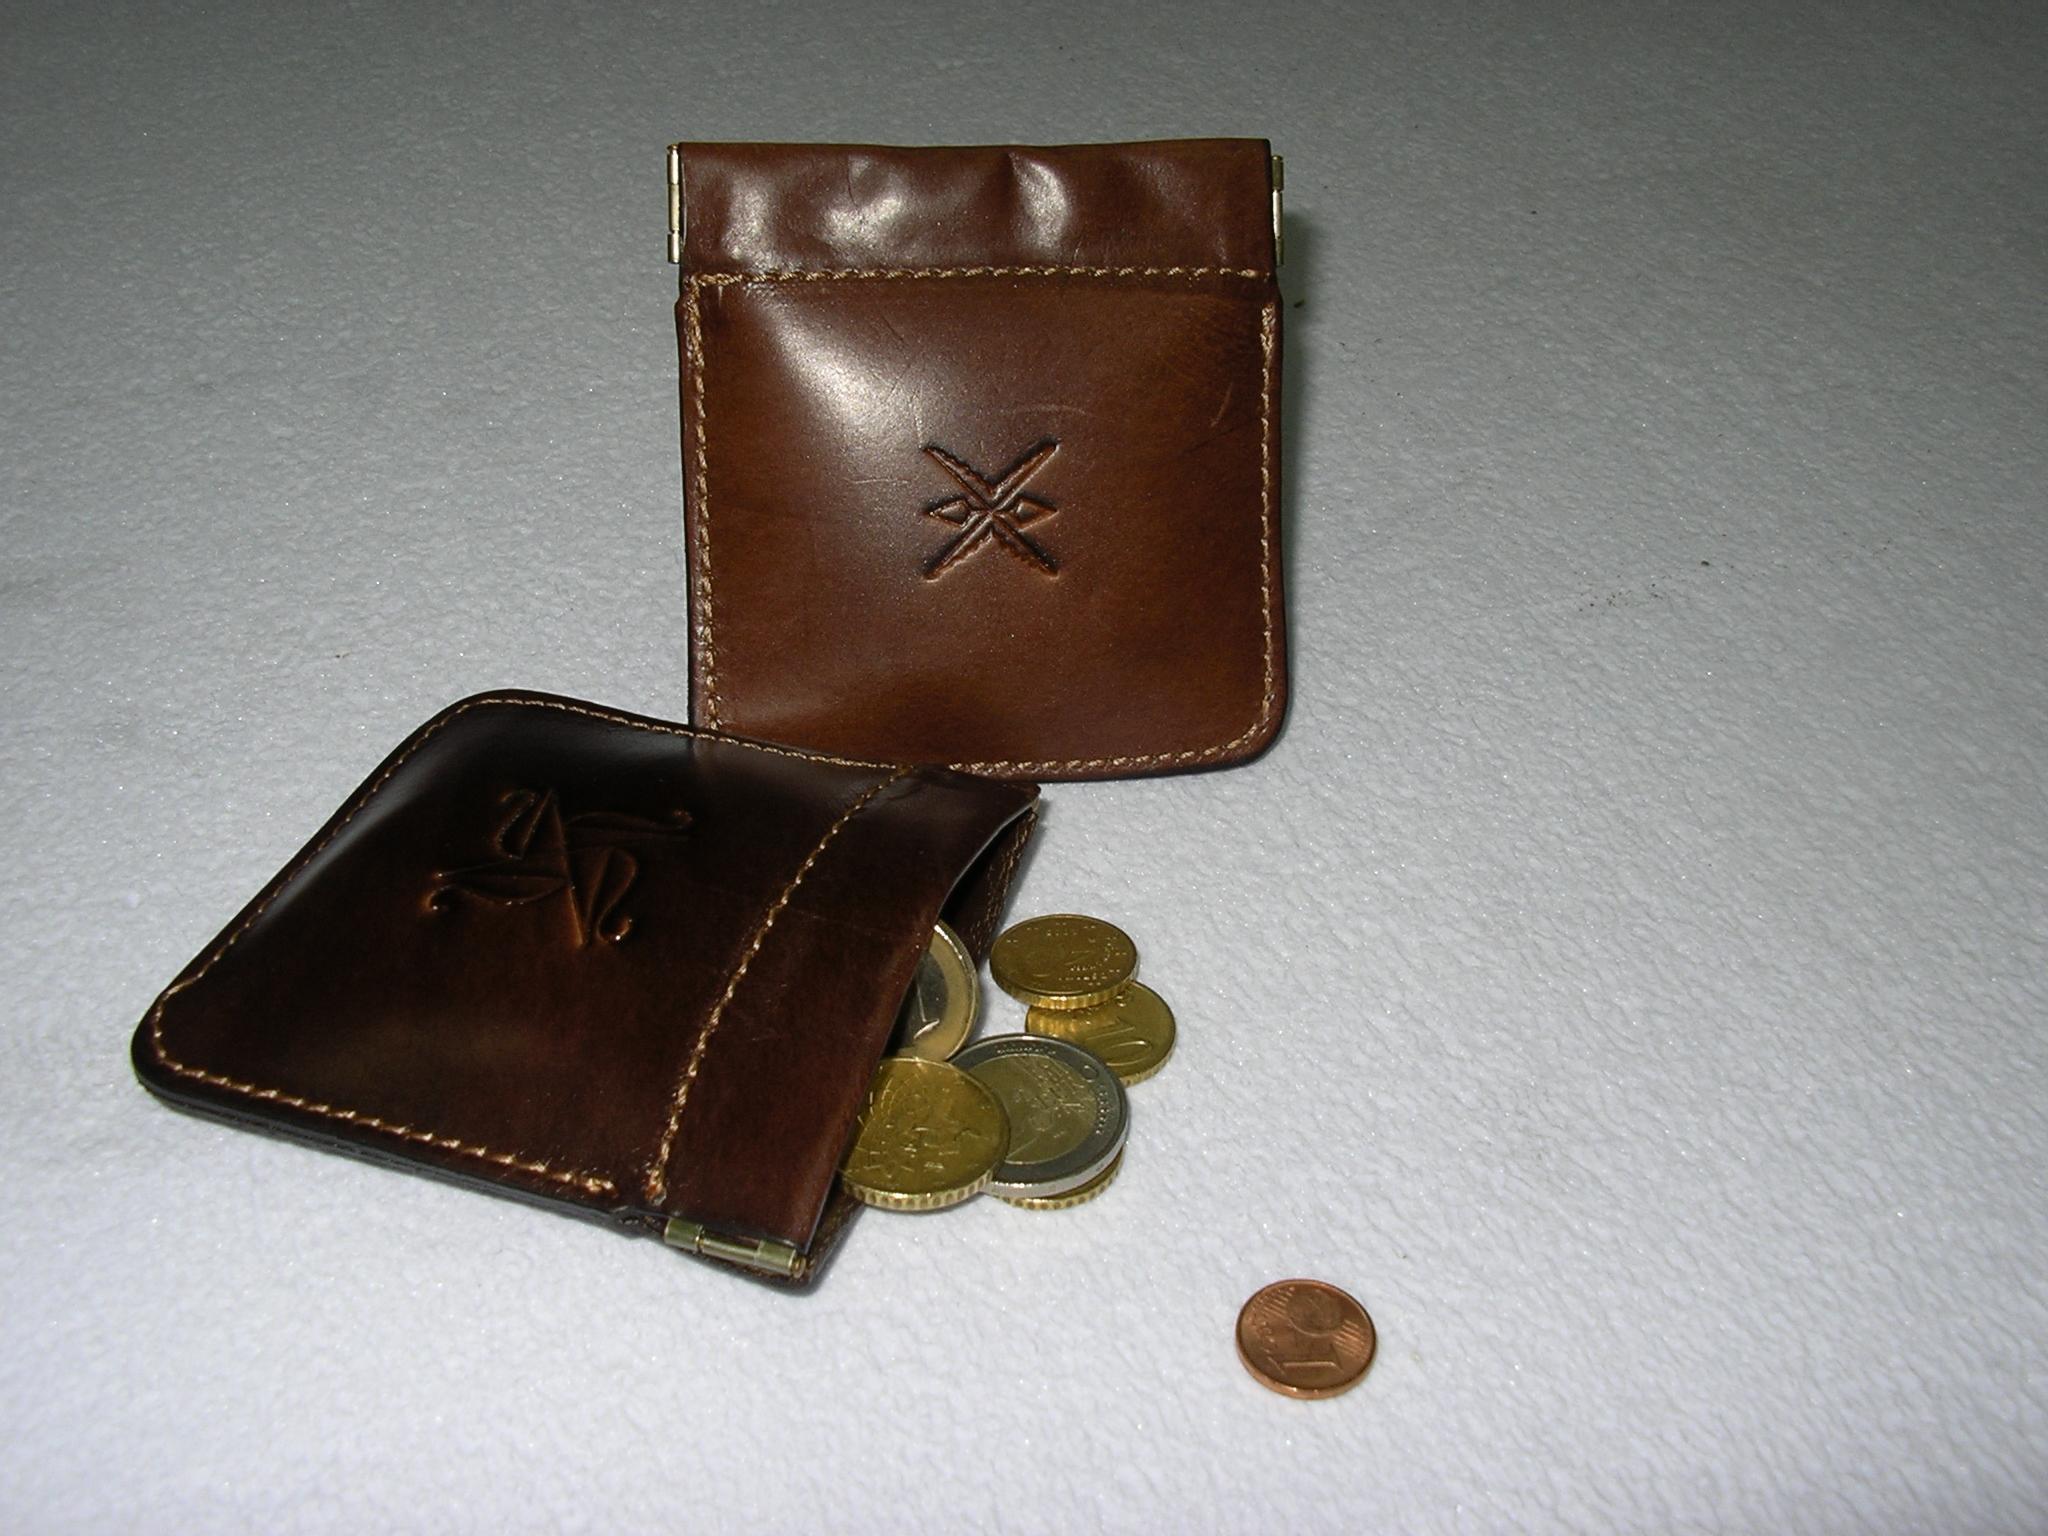 c3ad2de150 Portamonete : Borsellino Portamonete Clip Clap